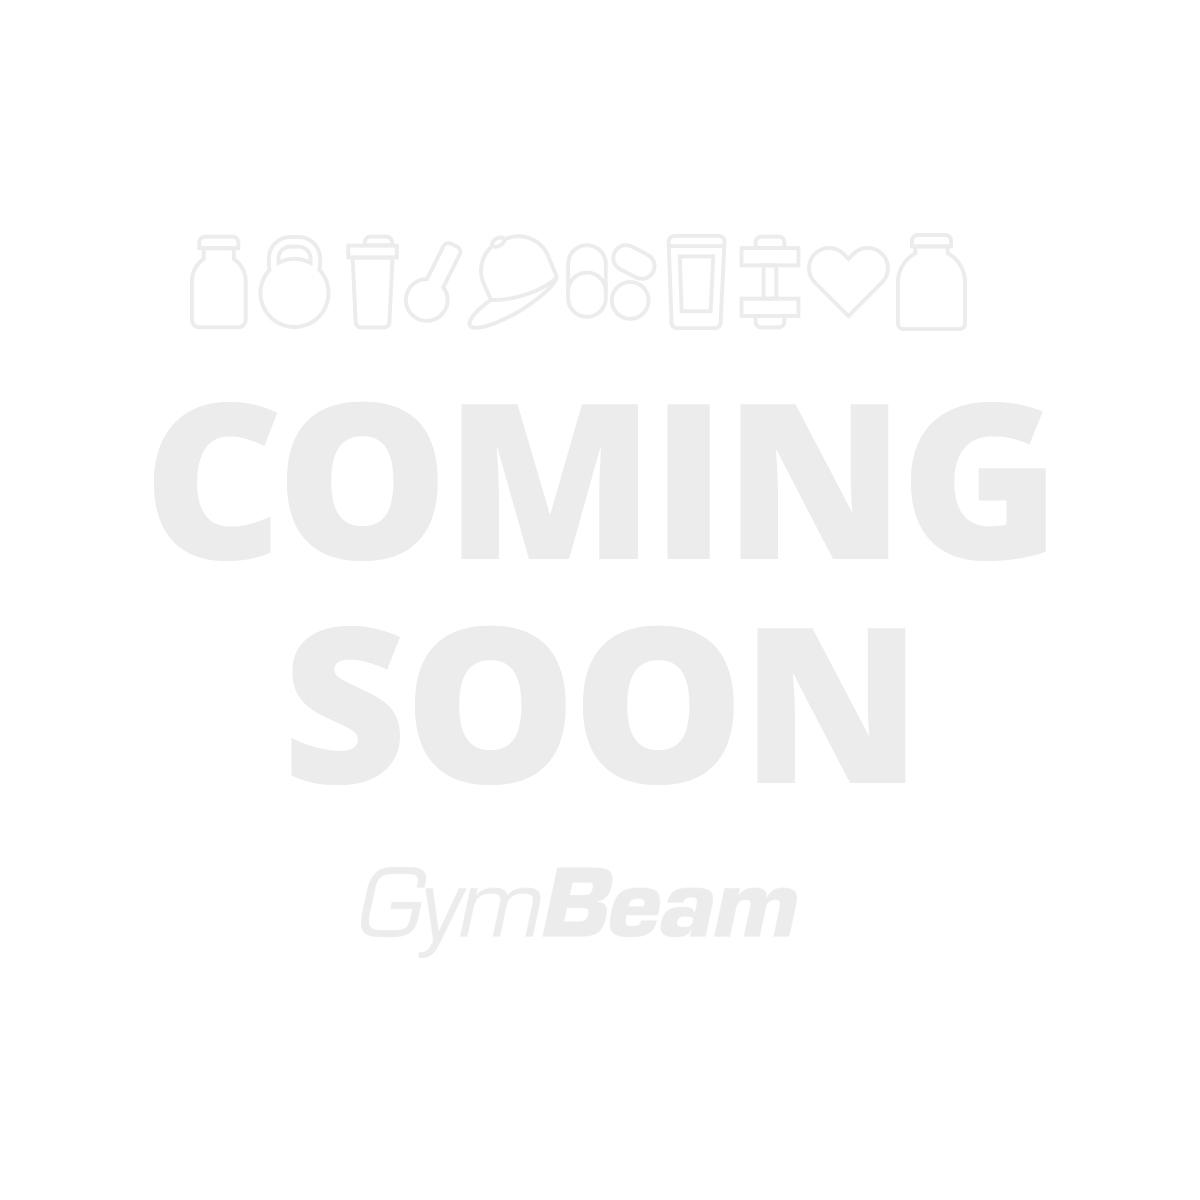 Kloubní výživa Flex All Complete 400 g - All Nutrition